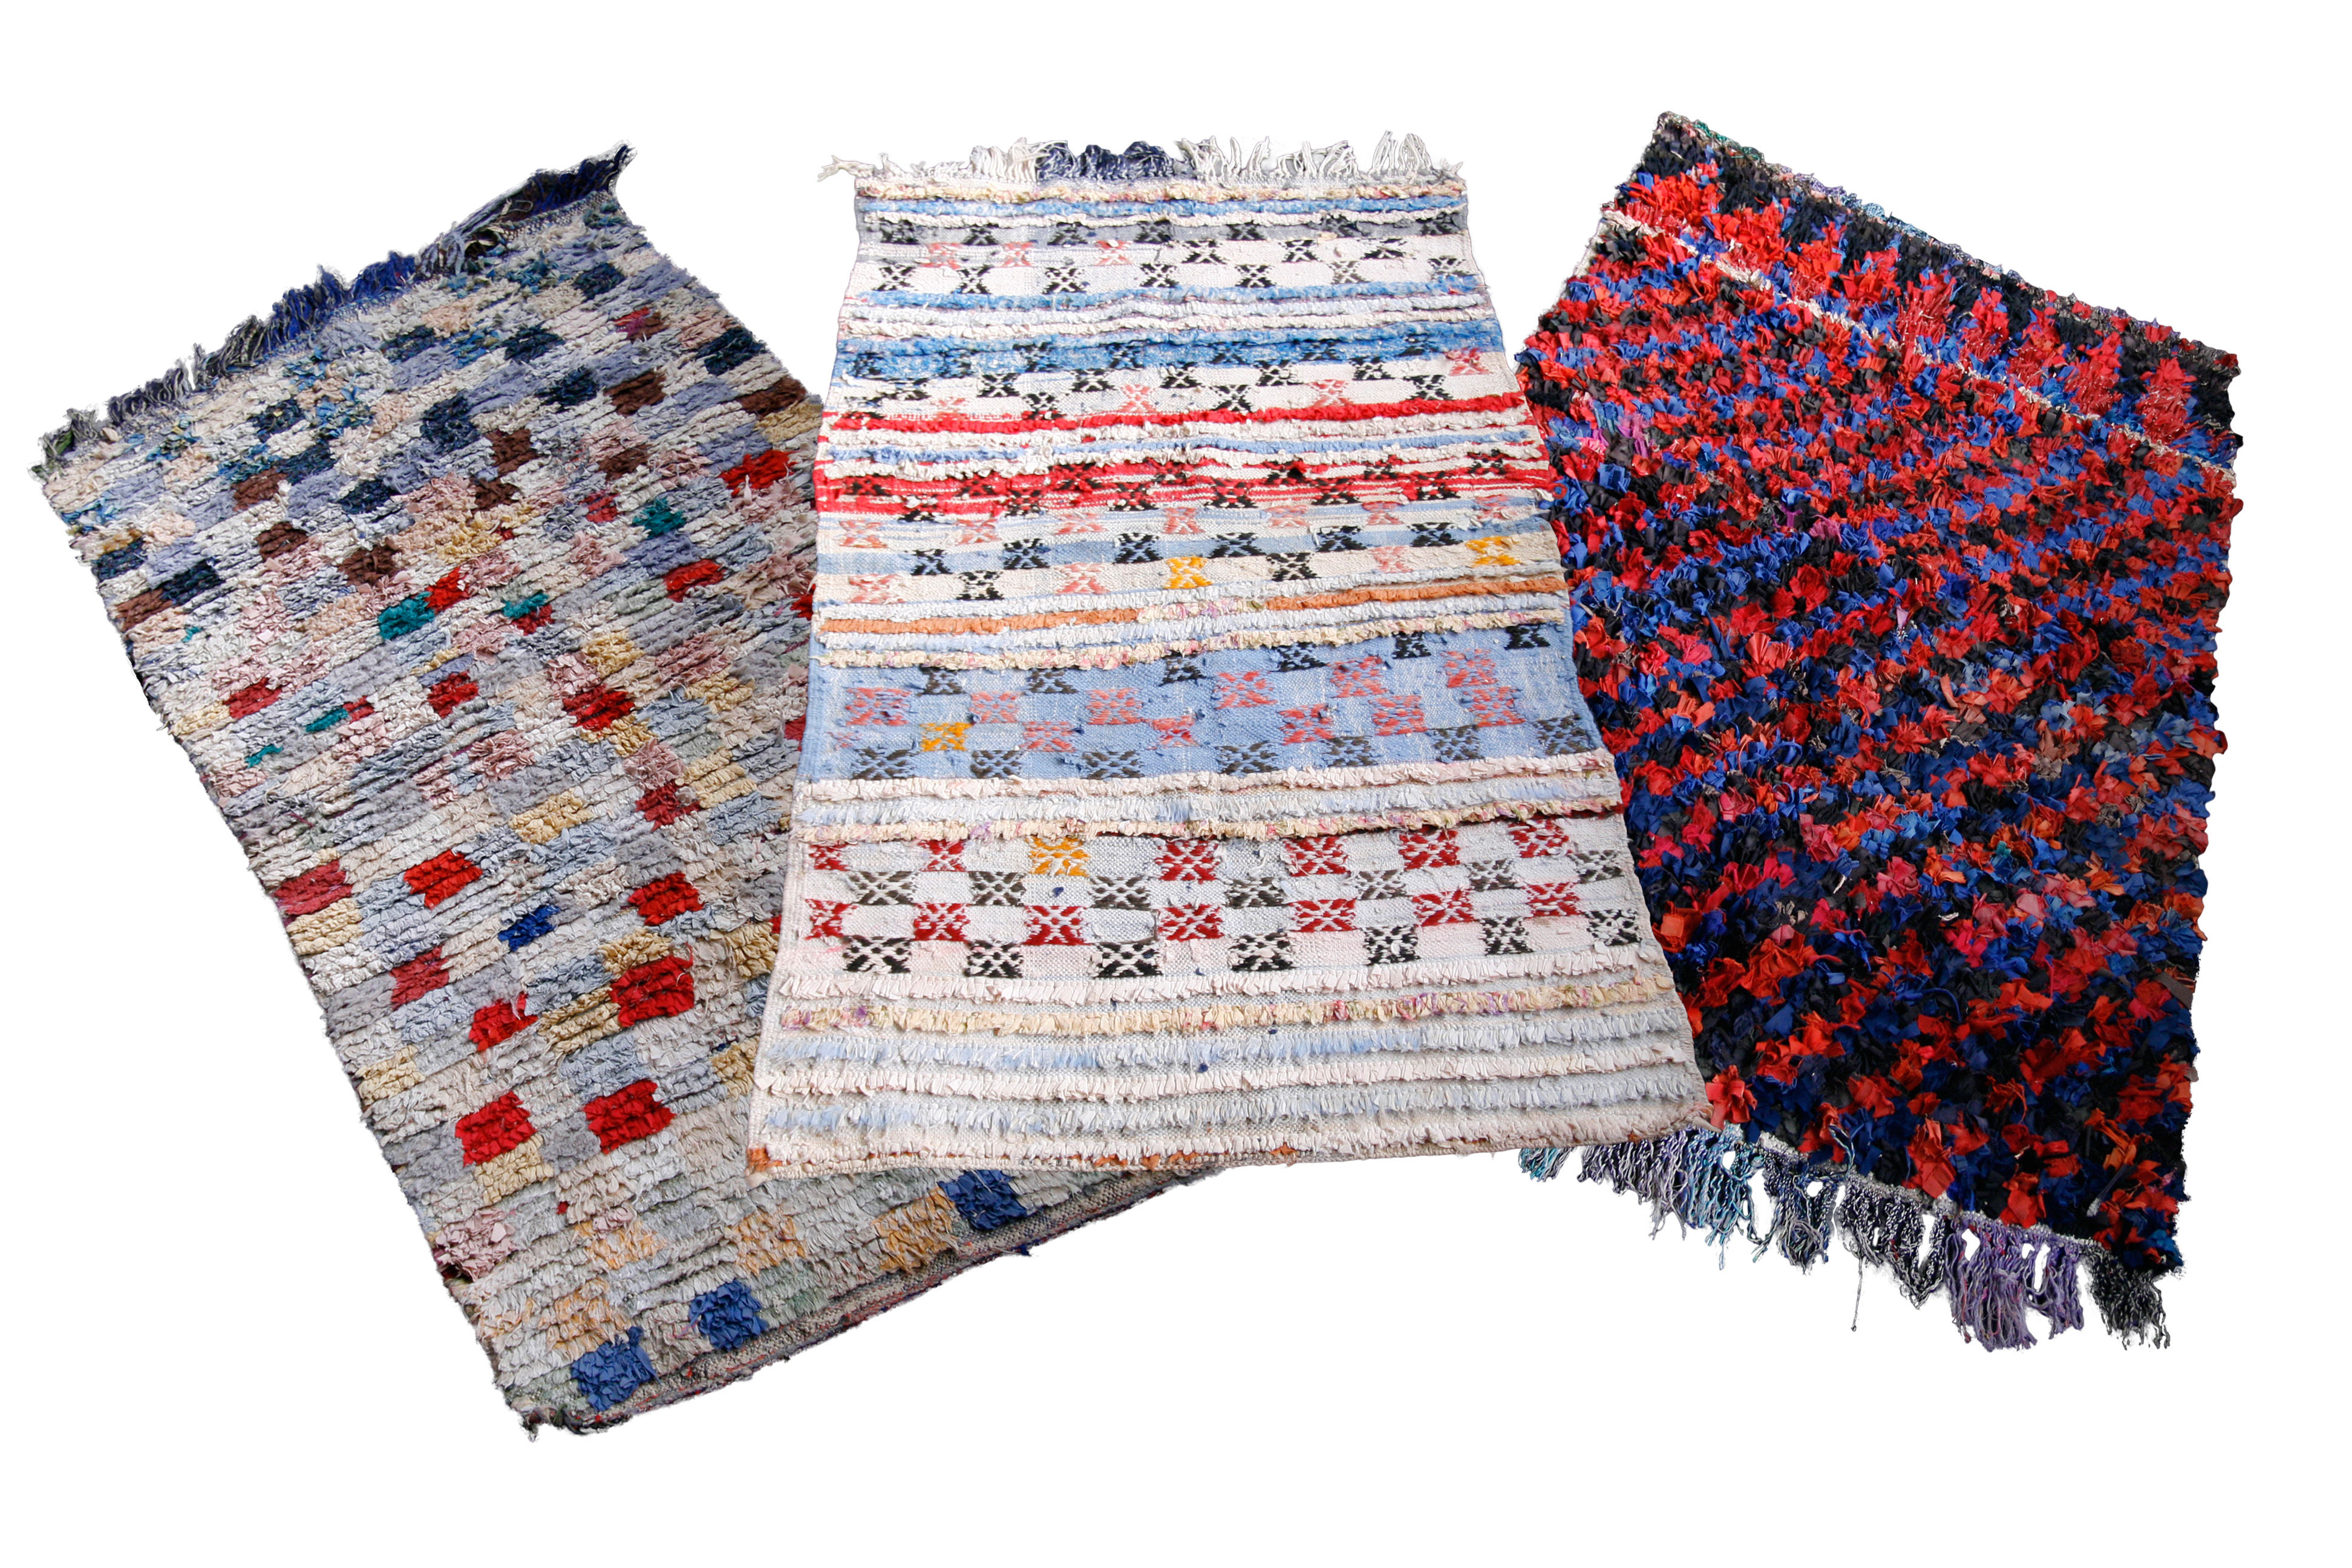 Möbel - Teppiche - Vintage Boucherouite Teppich - Hay - Mehrfarbig - Gewebe